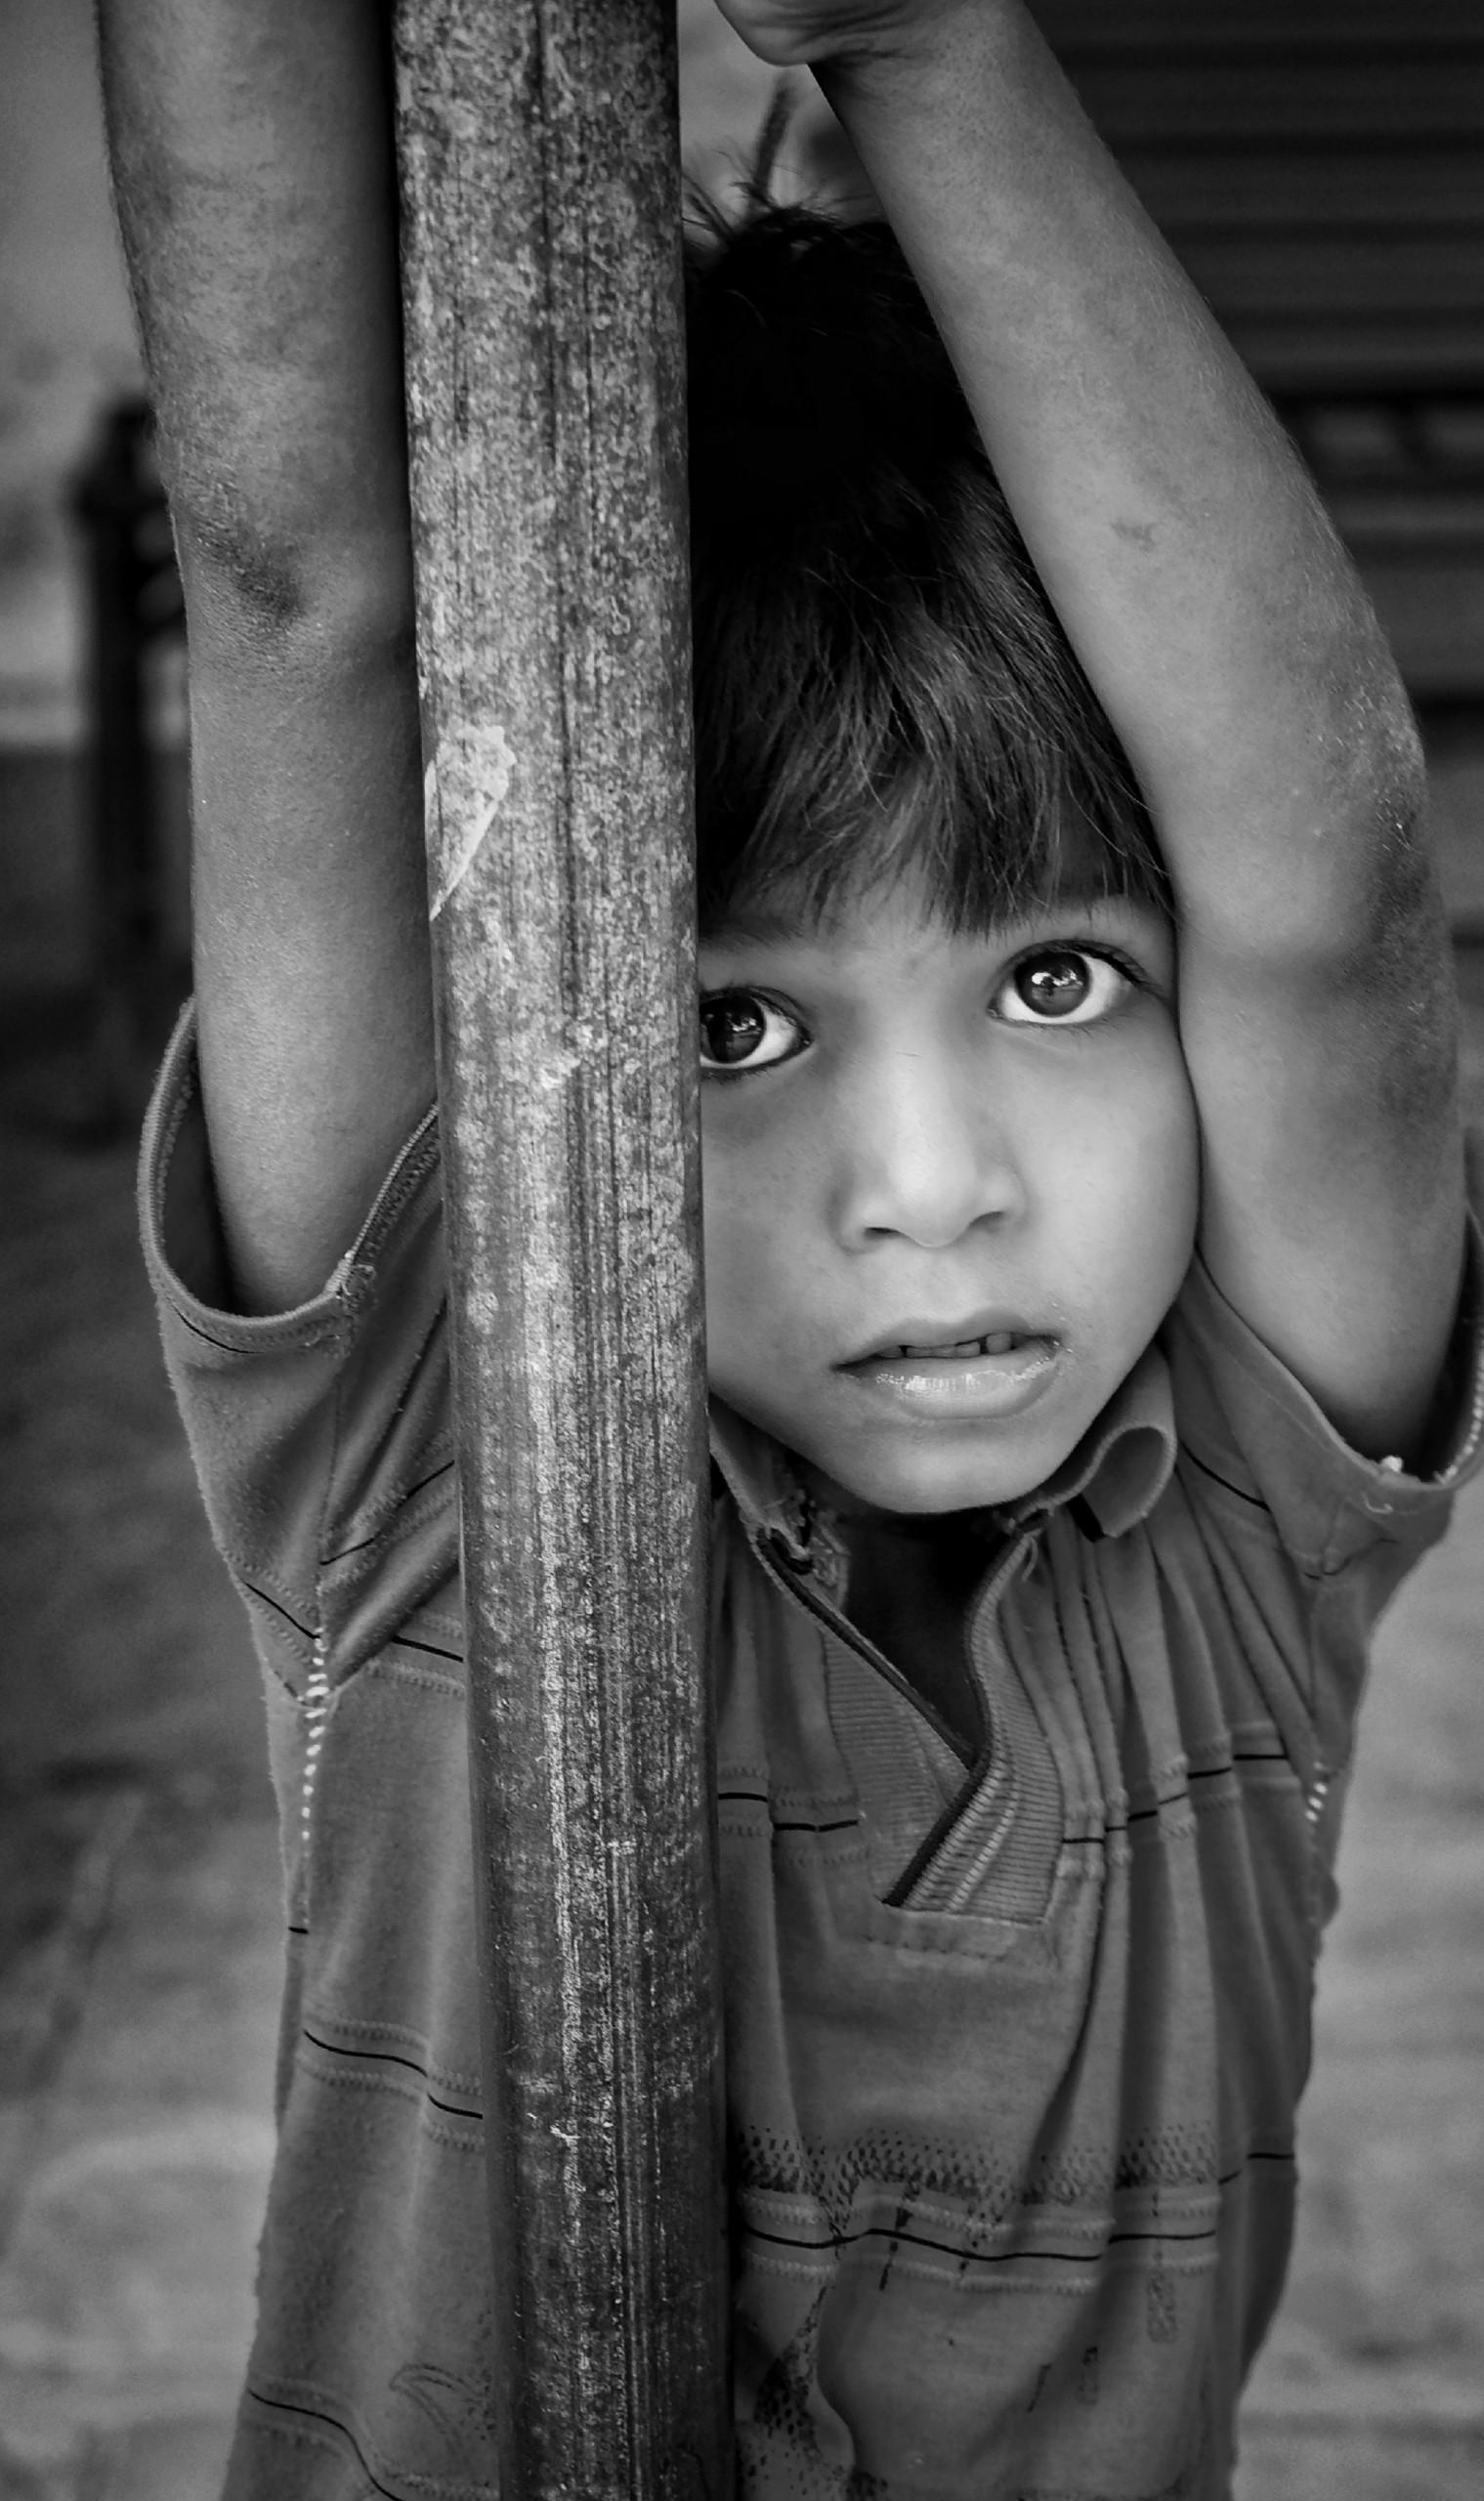 A kid looking upward